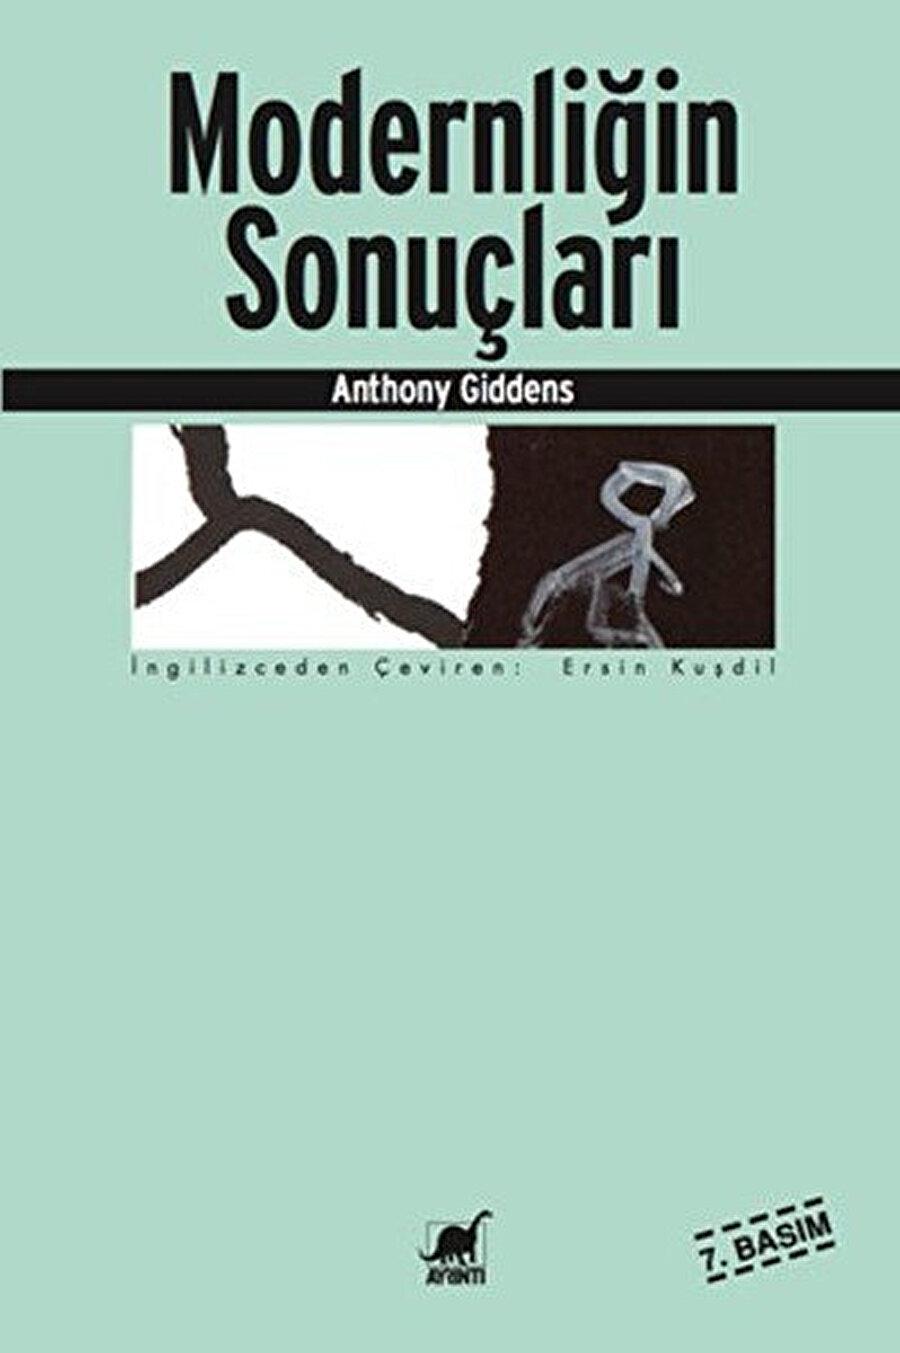 Anthony Giddens tarafından yazılan kitabın ilk yayınlanma tarihi 1990'dır.